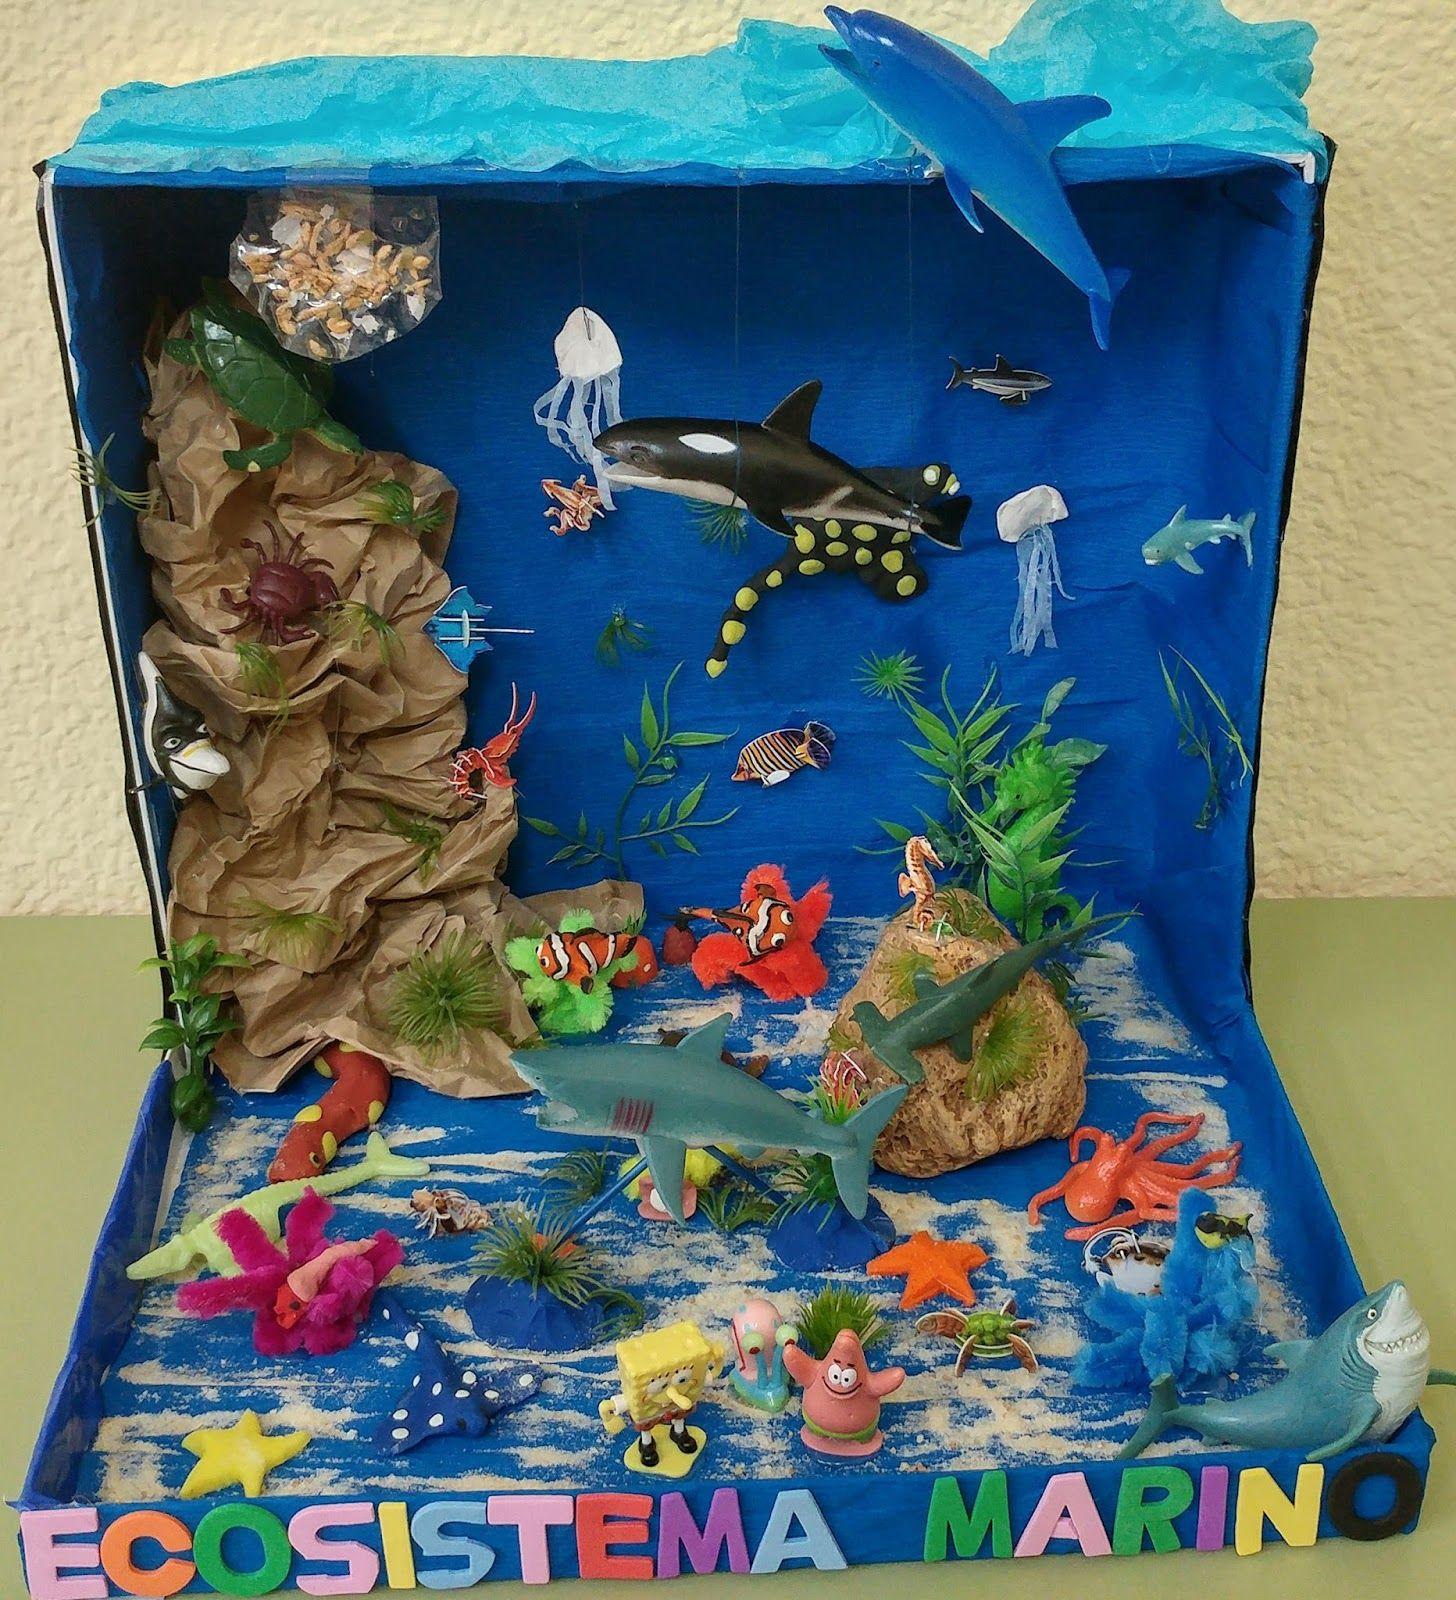 Ecosistema acuatico en una caja resultados de yahoo for Como hacer una granja de peces